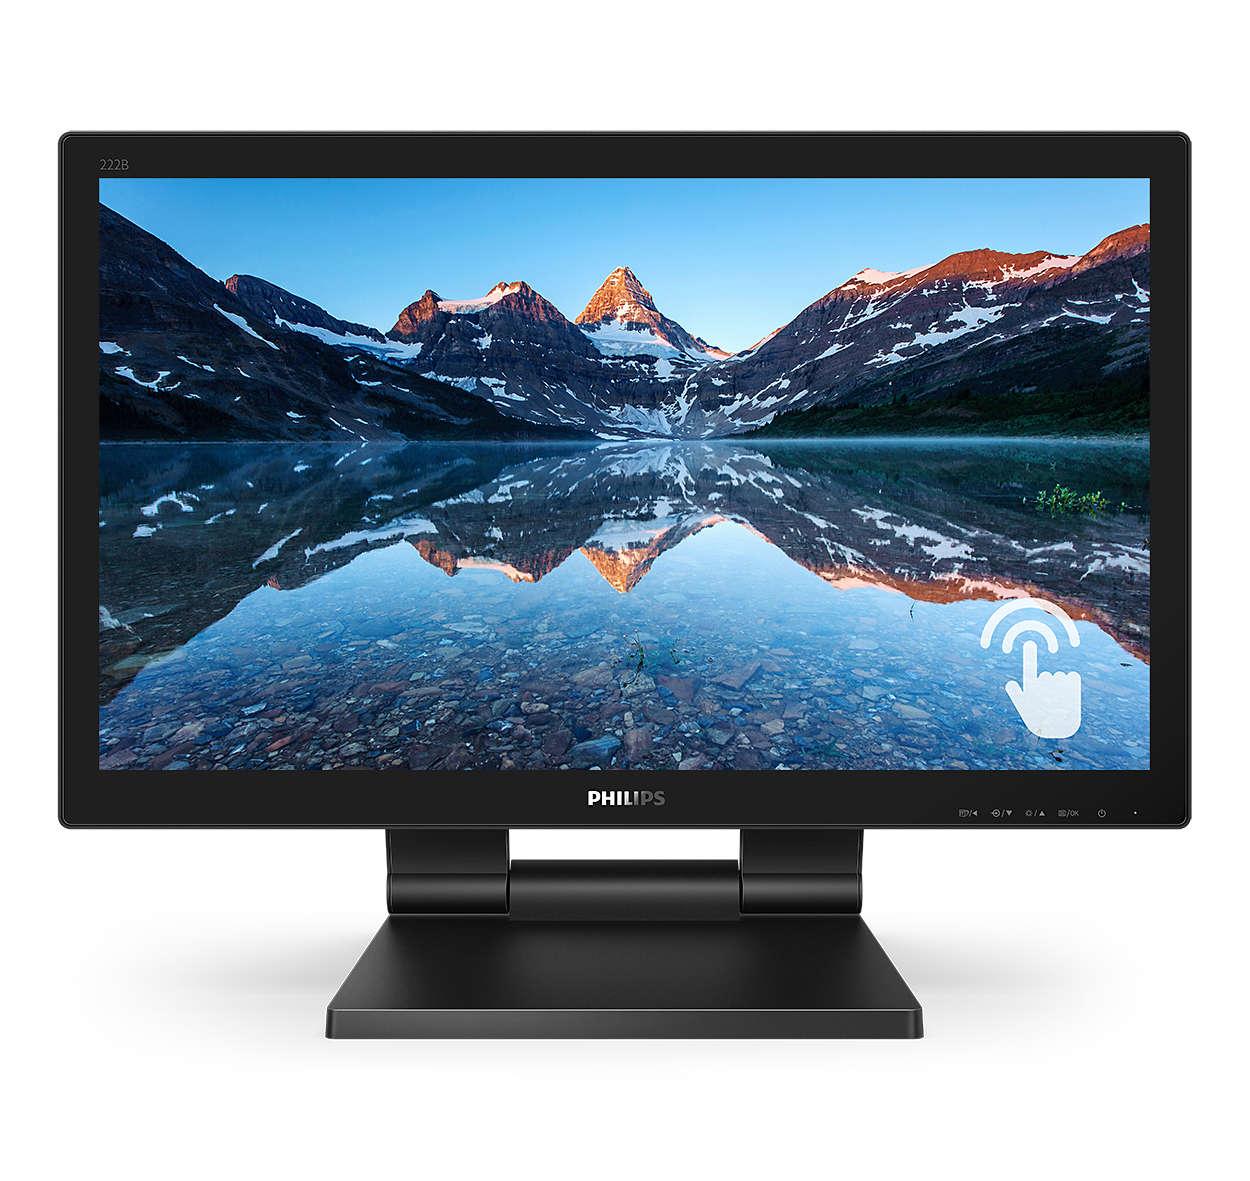 Monitor interativo brilhante com SmoothTouch